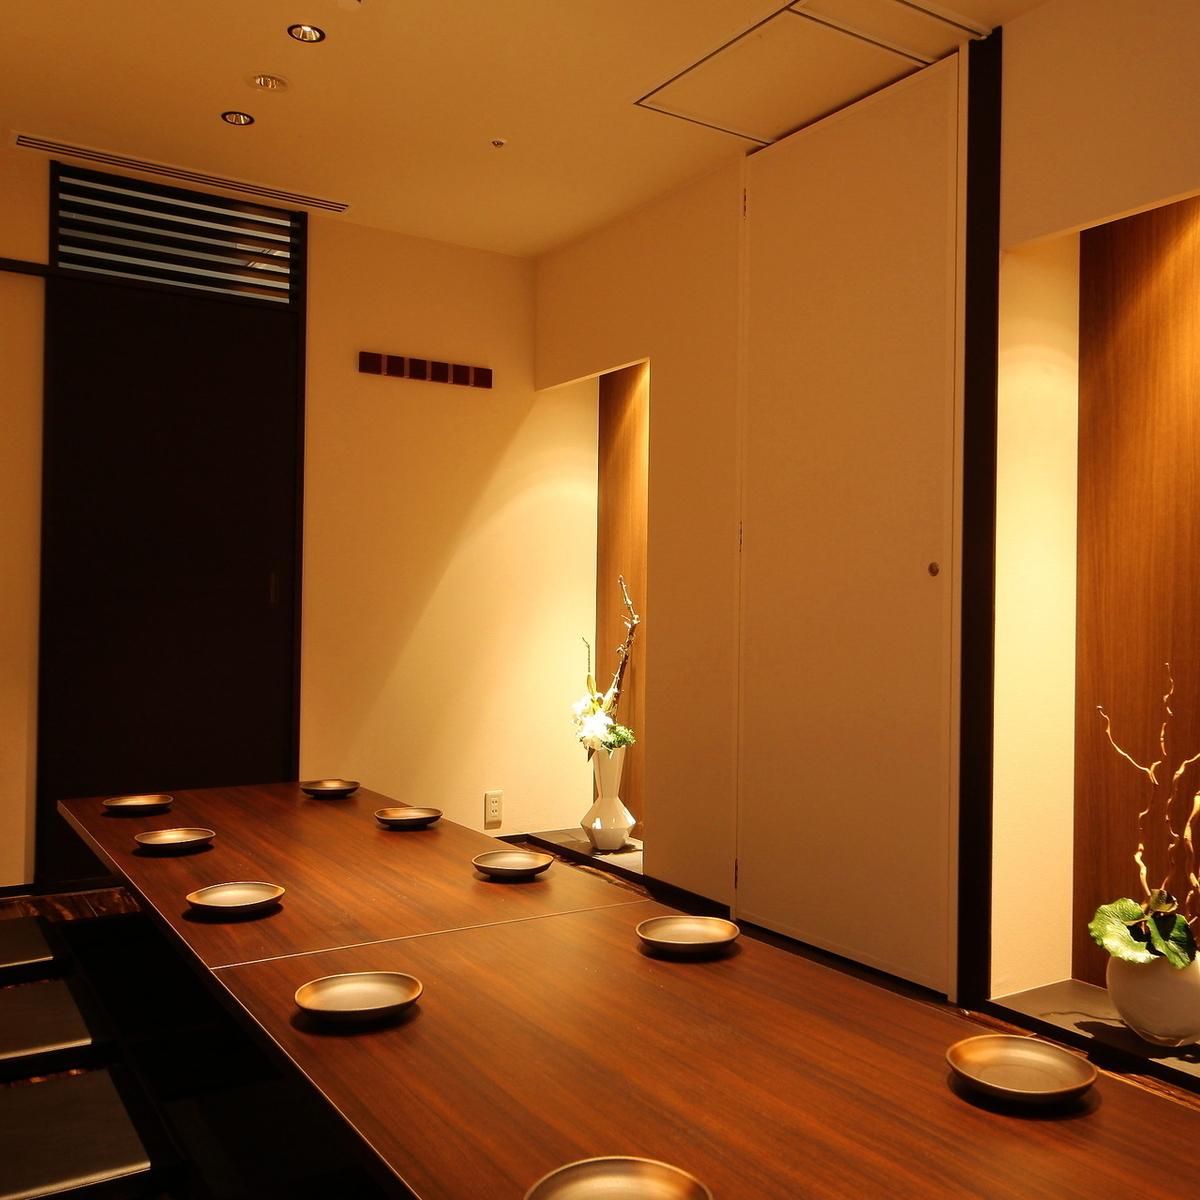 数字榻榻米房间可容纳2至20人